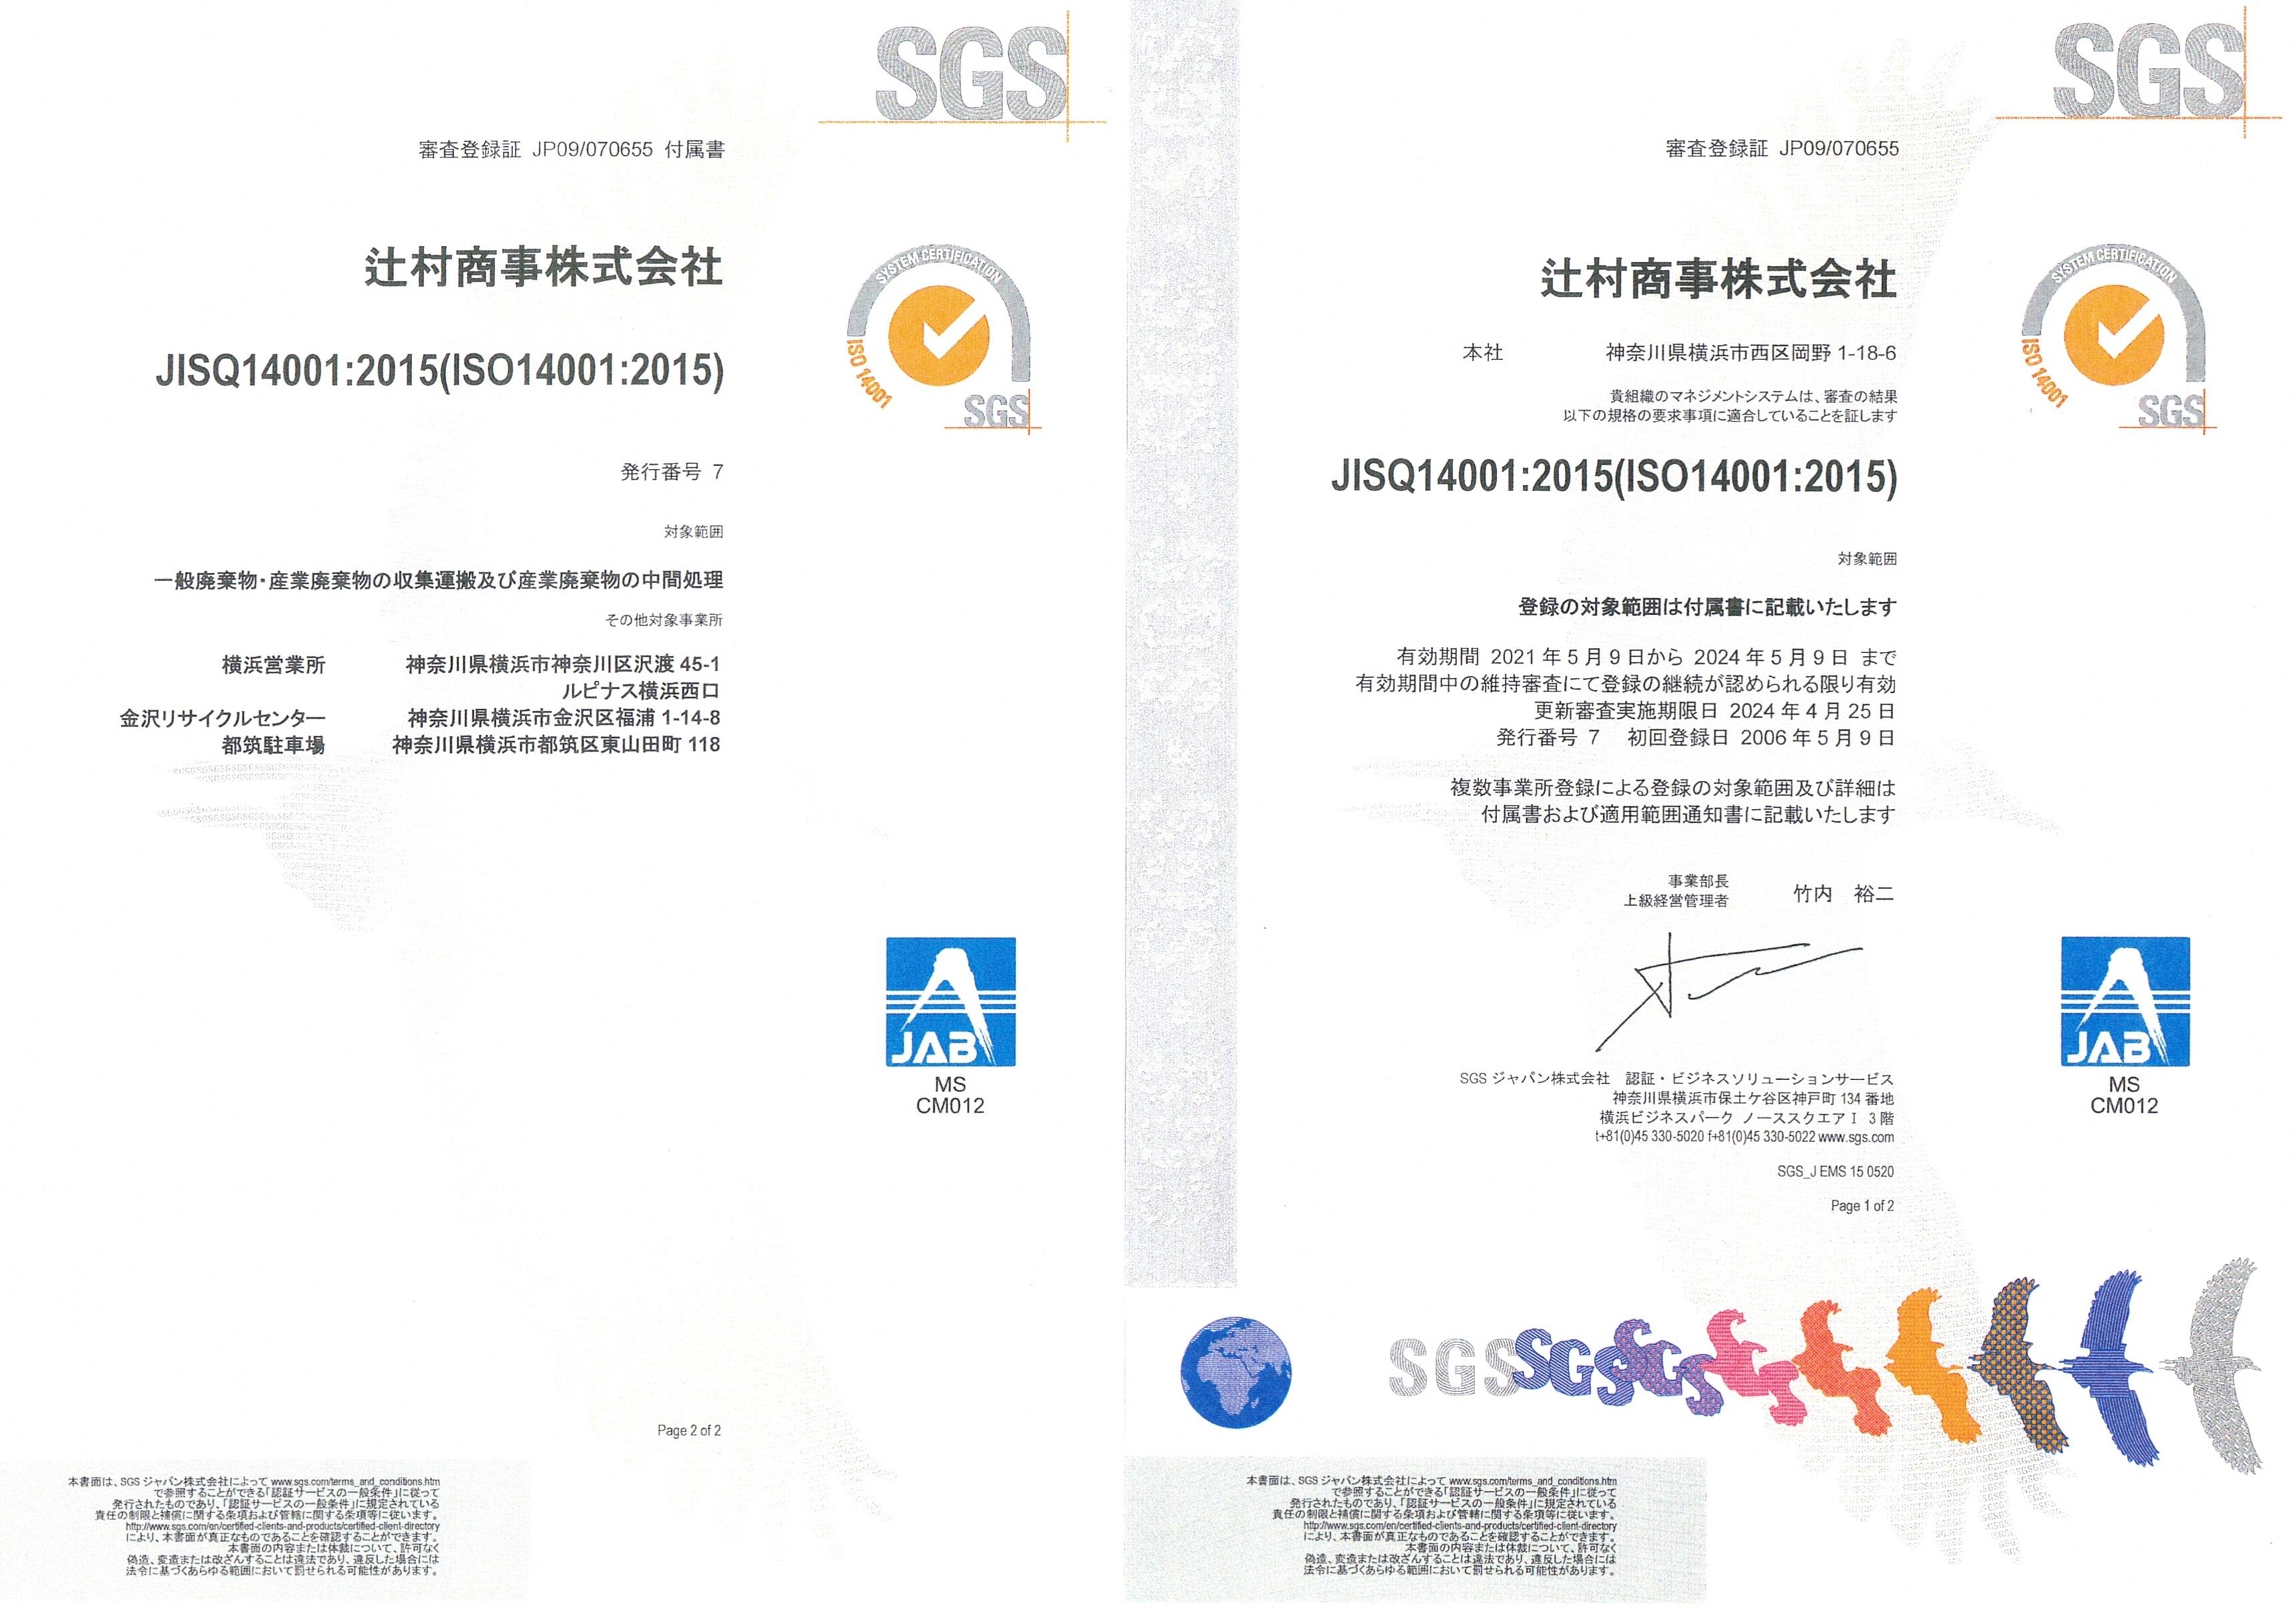 令和3年認証ISOダブル